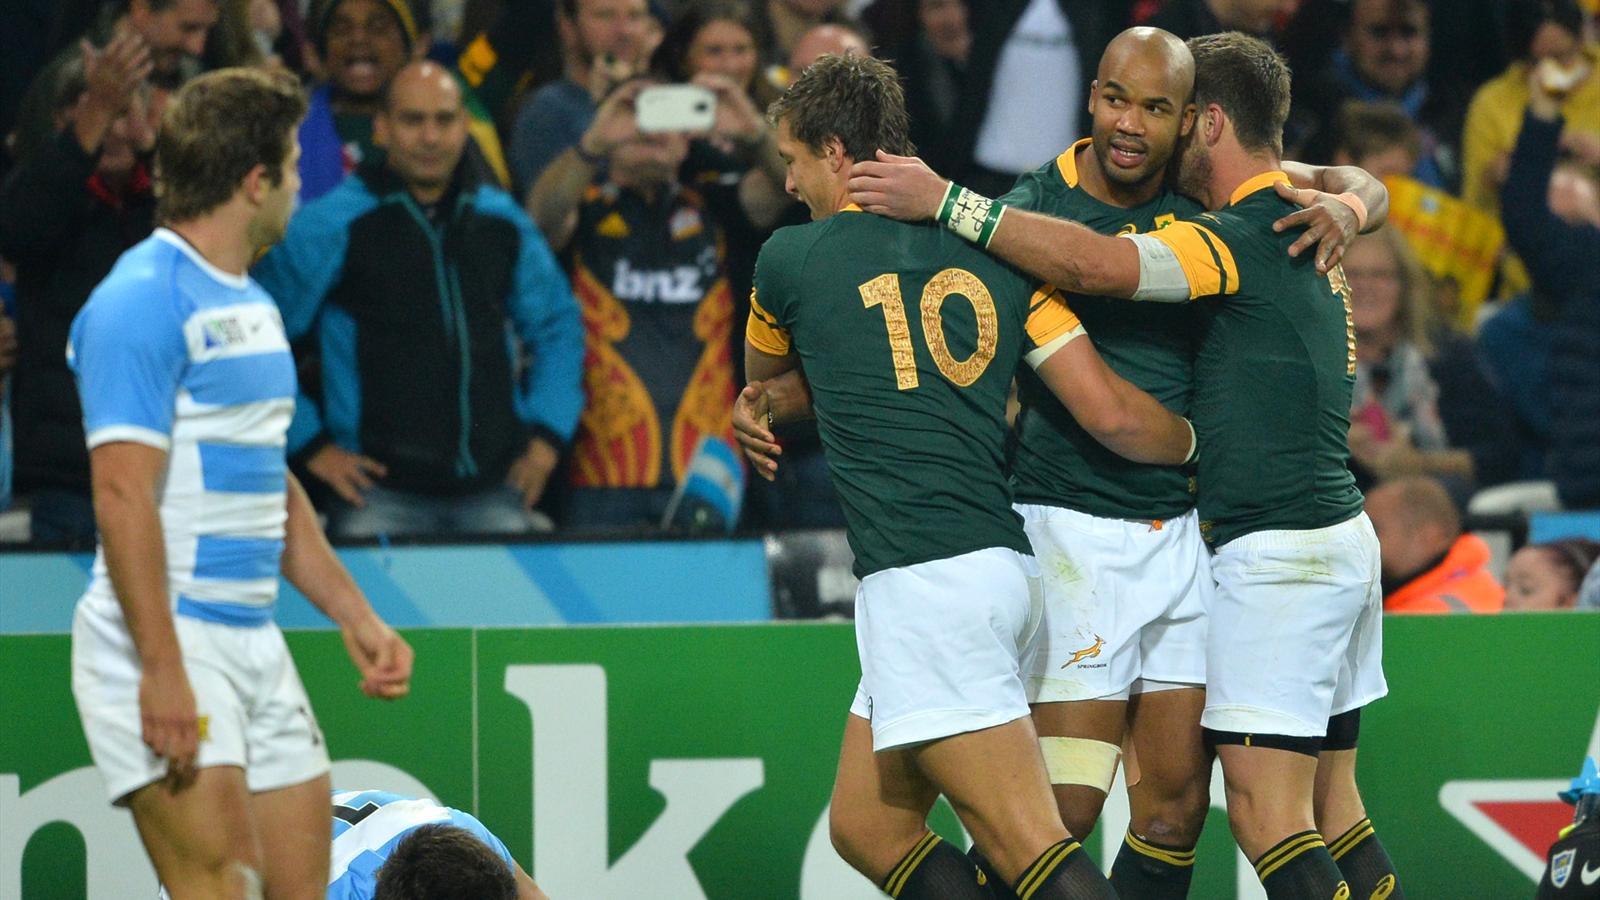 La joie de JP Pietersen (Afrique du Sud) après son essai contre l'Argentine - 30 octobre 2015